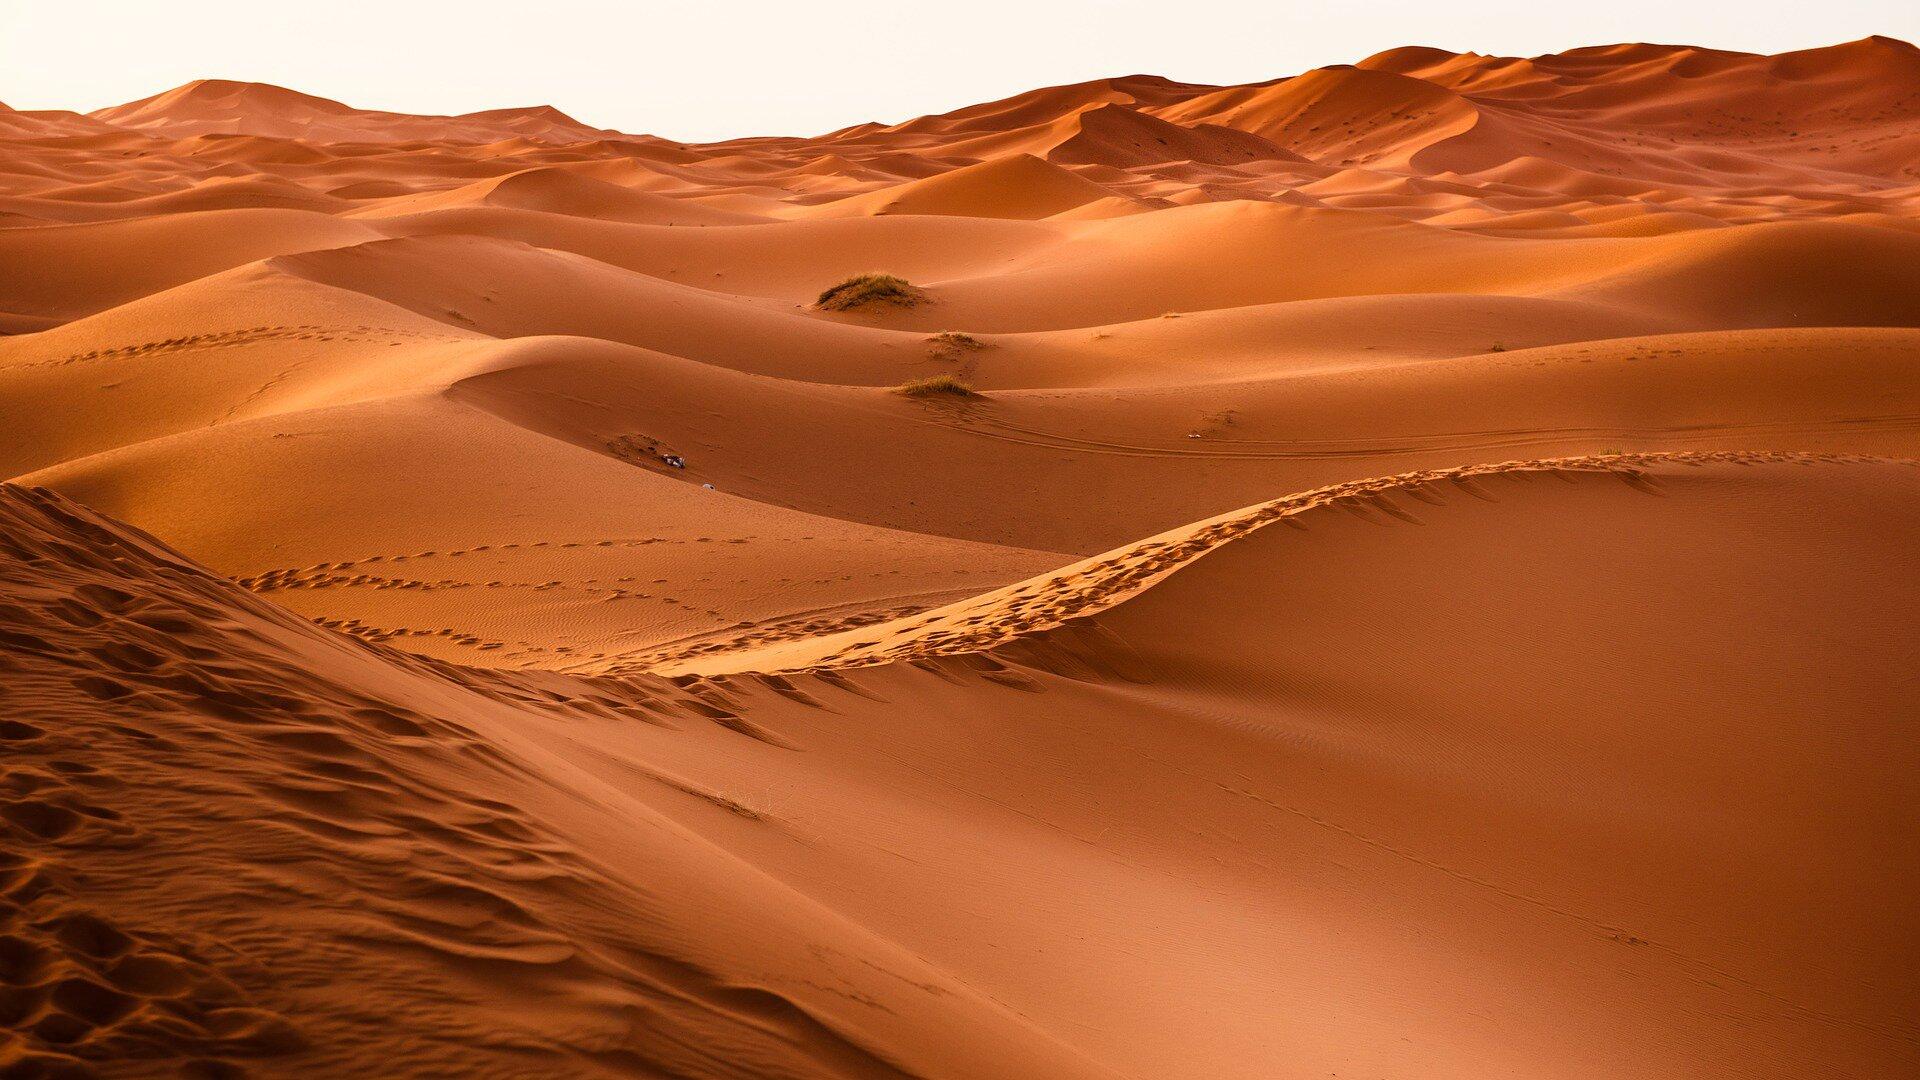 Zdjęcie przedstawia fragment pustyni piaszczystej. Po horyzont ciągną się duże piaszczyste wydmy.